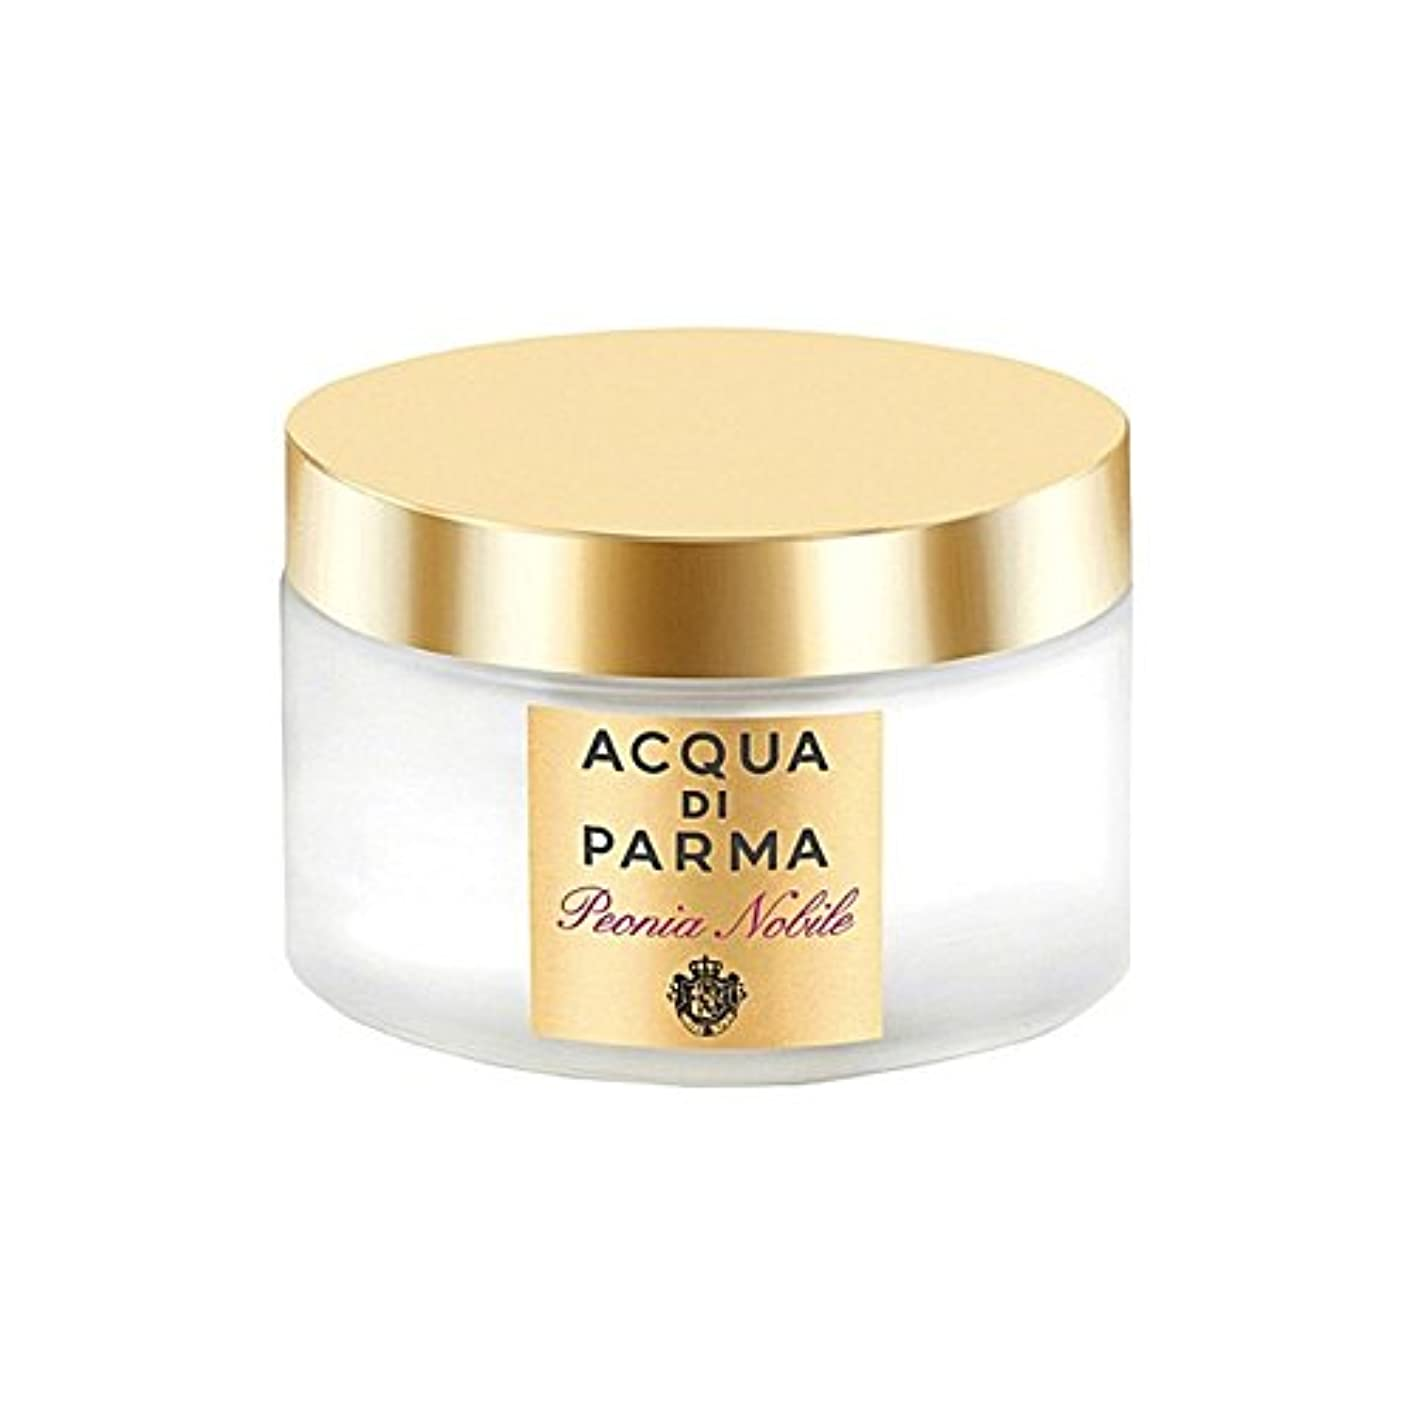 植木五ボクシングAcqua Di Parma Peonia Nobile Body Cream 150ml (Pack of 6) - アクアディパルマノビレボディクリーム150ミリリットル x6 [並行輸入品]